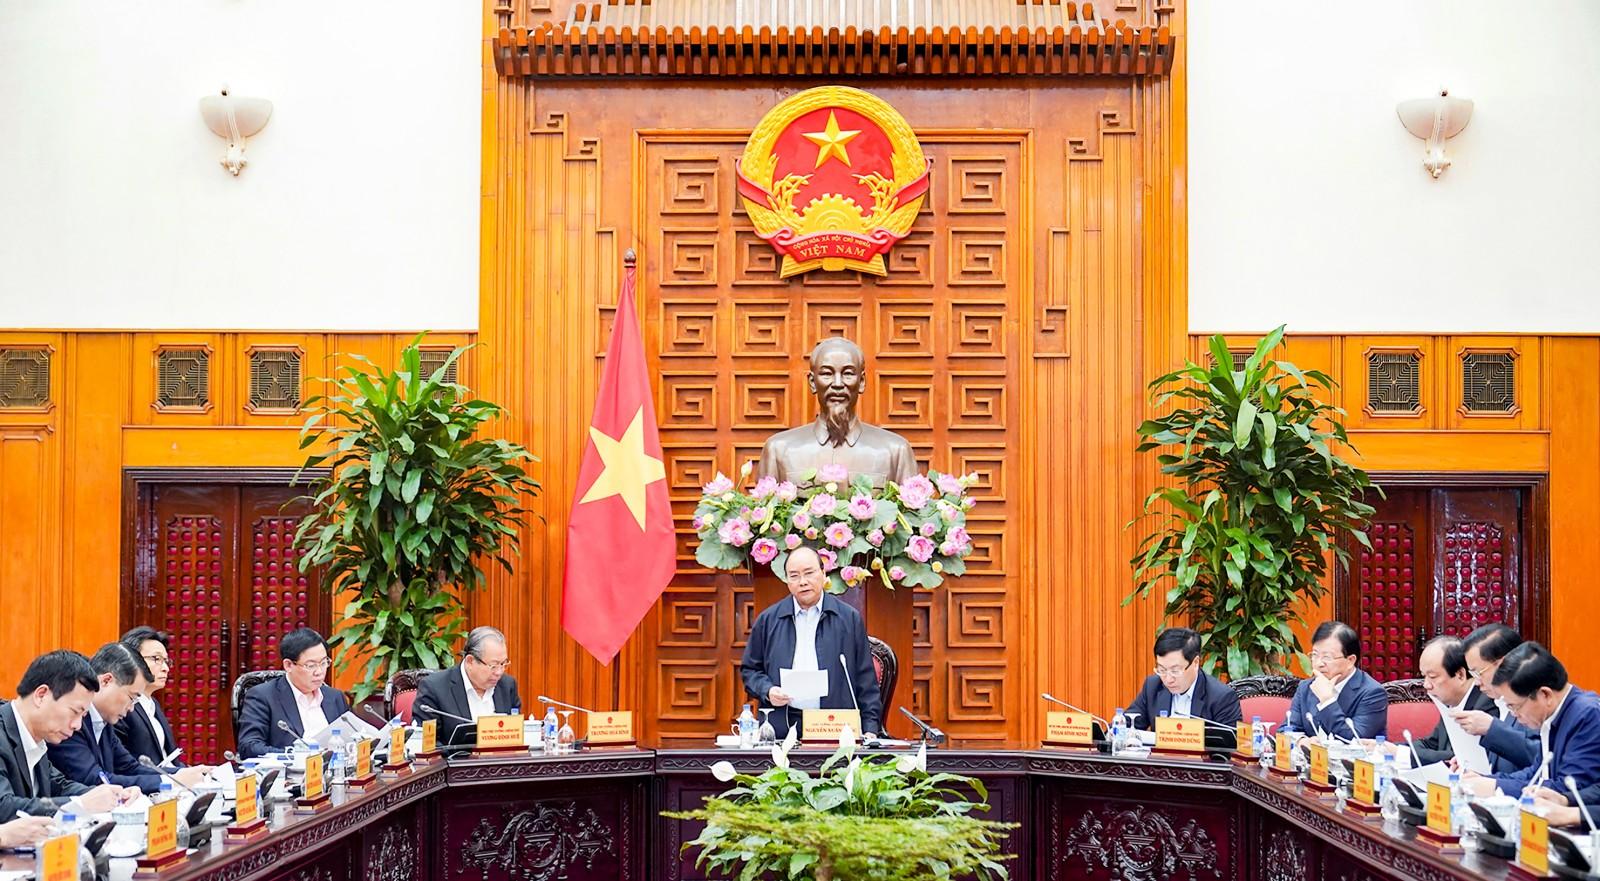 Thủ tướng Chính phủ Nguyễn Xuân Phúc phát biểu tại cuộc họp. Ảnh: VGP/QUANG HIẾU